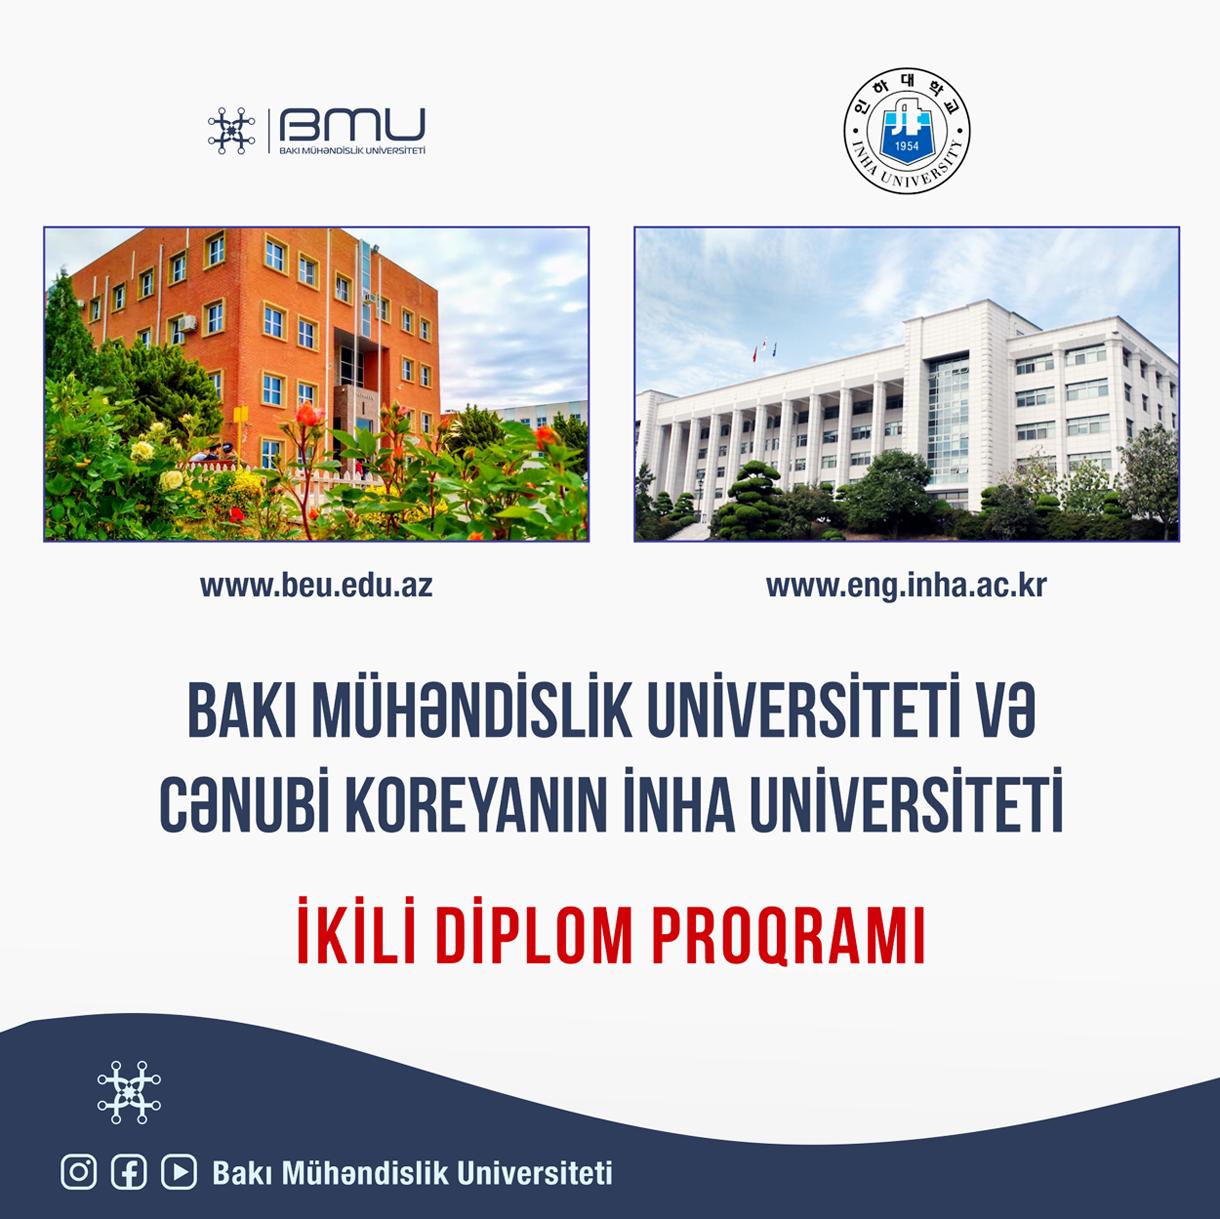 BMU-da ikili diplom proqramının icrası ilə bağlı hazırlıq işləri müzakirə edildi